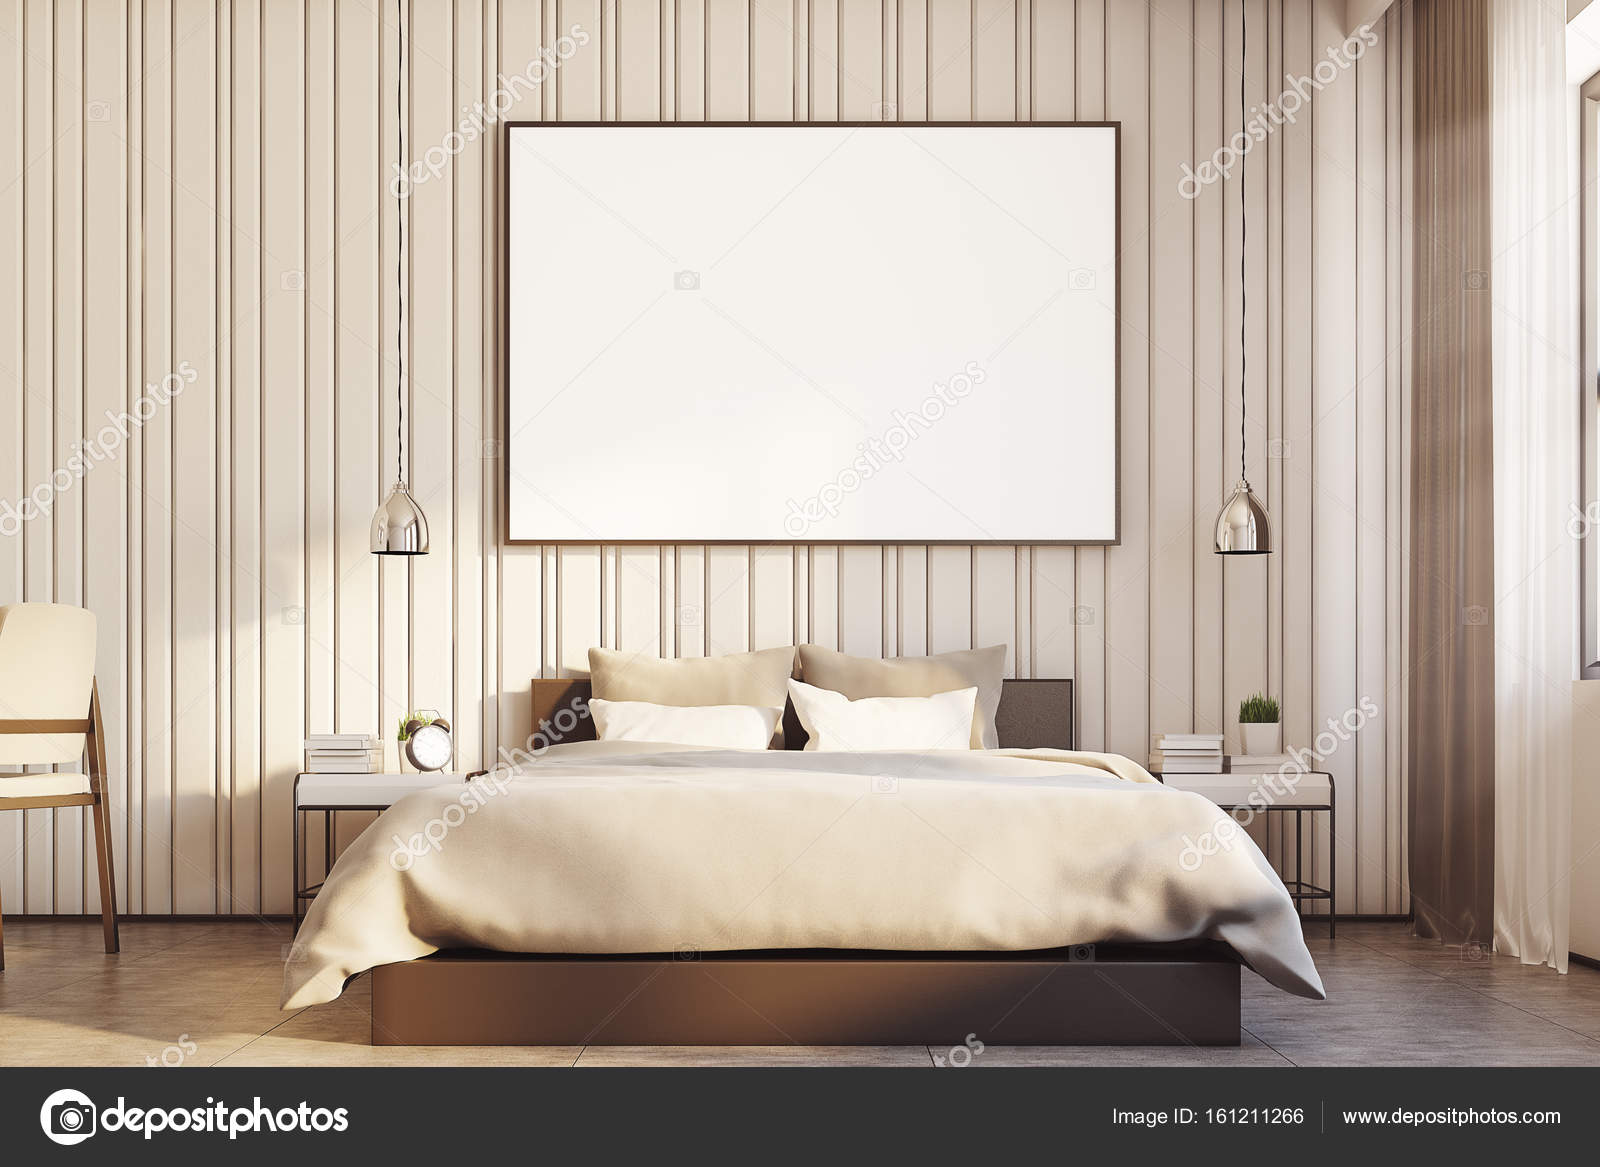 Grote Posters Slaapkamer : Beige slaapkamer met een grote poster close up u stockfoto